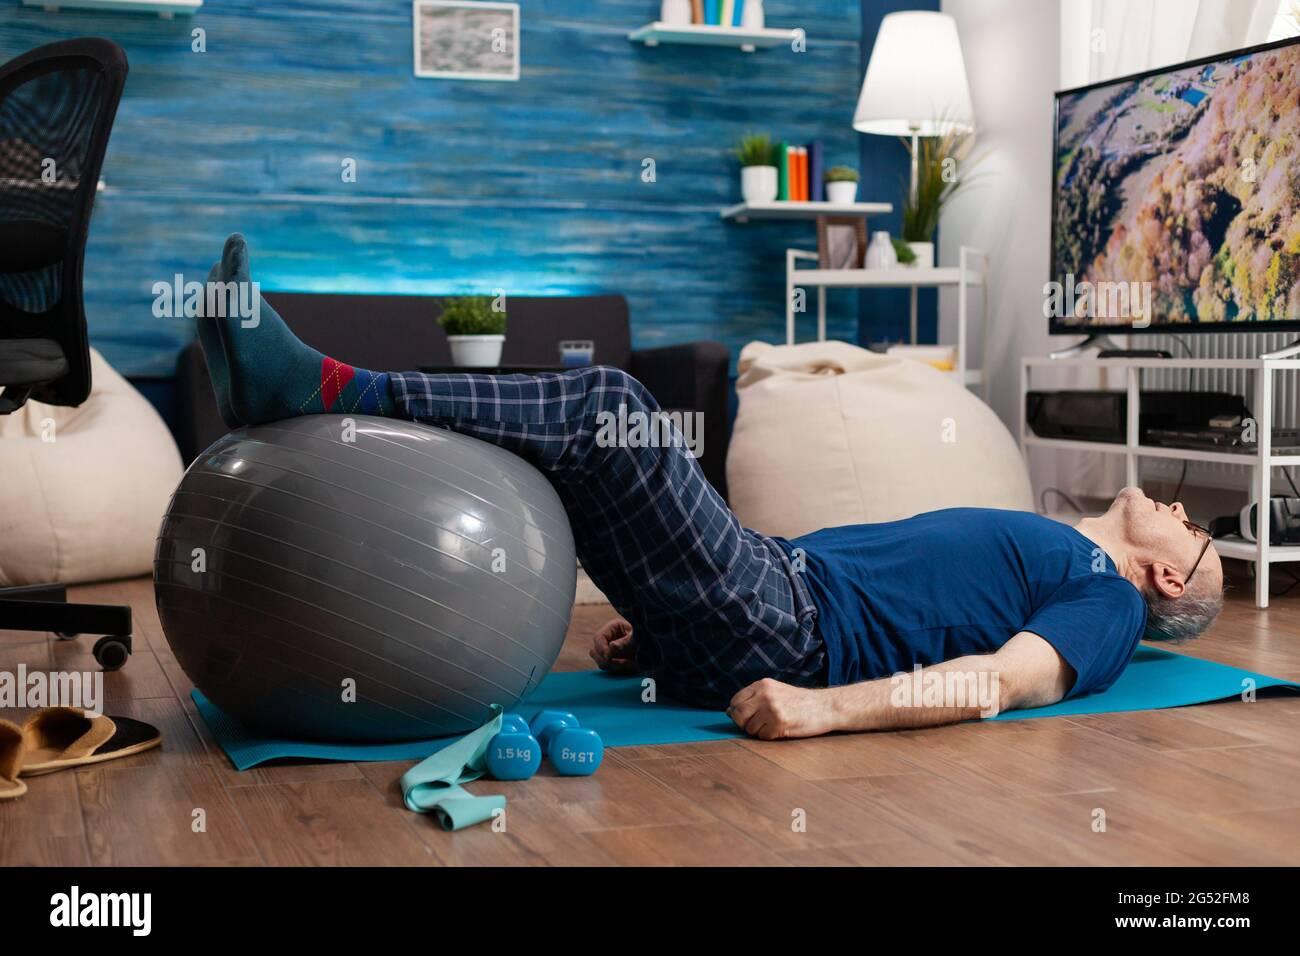 Jubilado hombre mayor haciendo bienestar calentar piernas con pelota suiza sentado en colchoneta de yoga en la sala de estar. Jubilado pensionista que practica ejercicios abdominales trabajando en la salud muscular del cuerpo Foto de stock